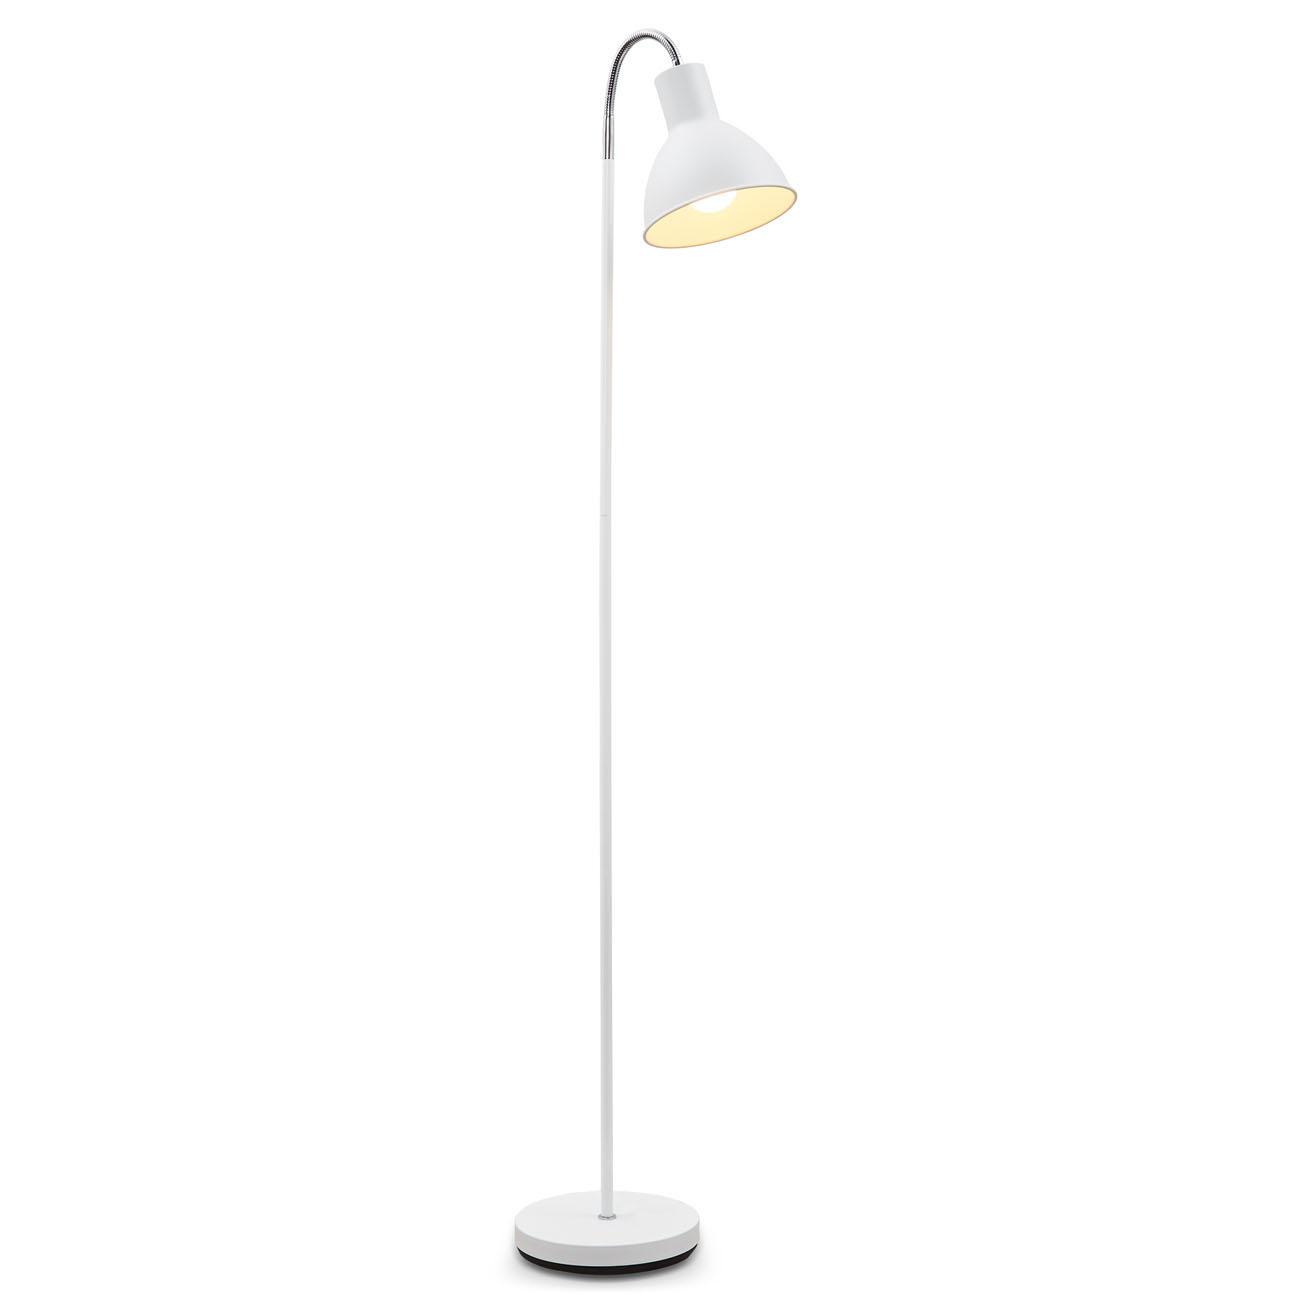 Stehlampe Industrial Design schwenkbar weiß E27